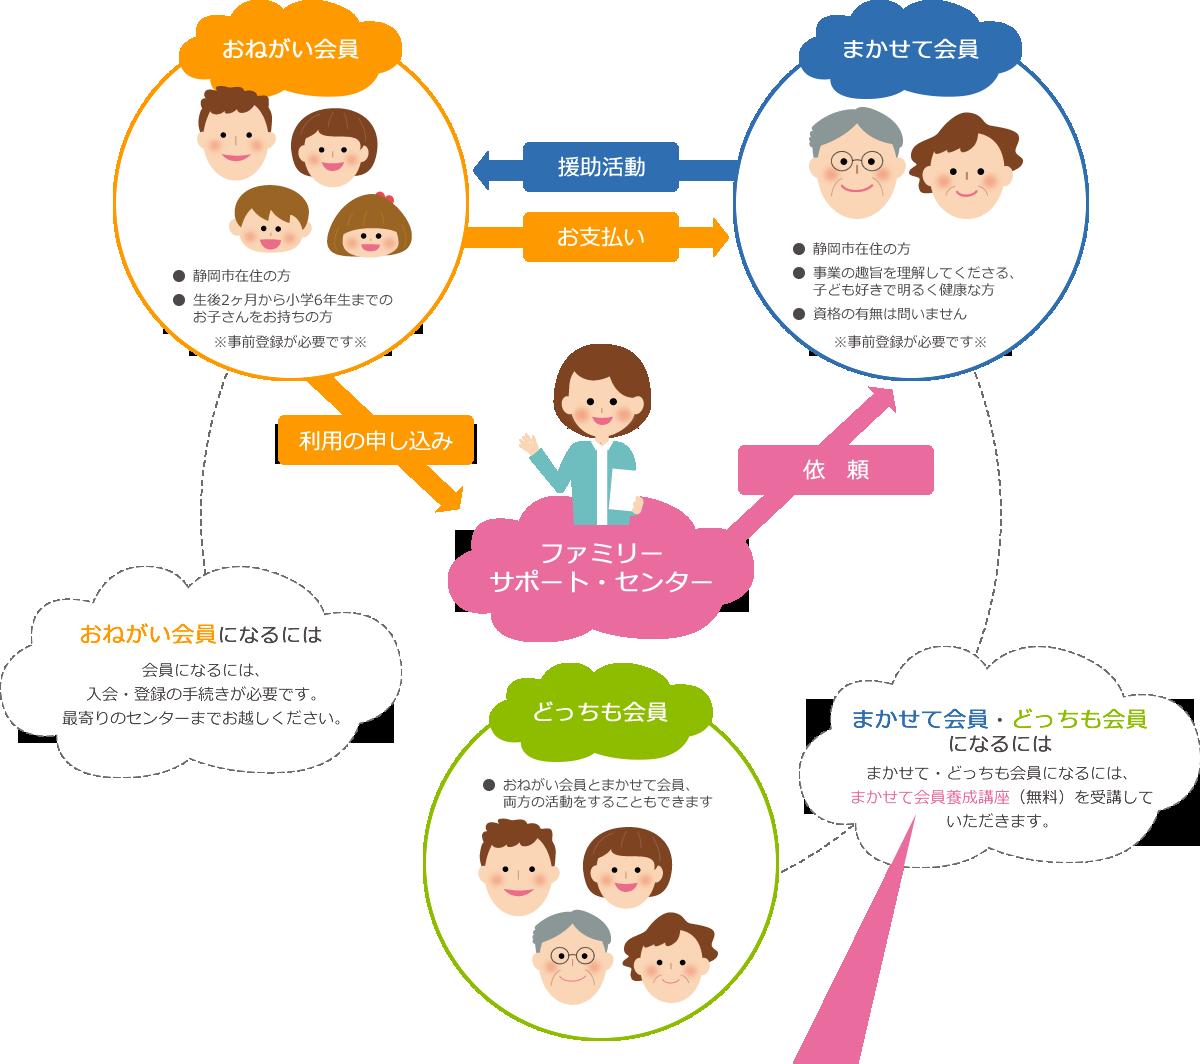 お願い会員は、静岡市在住の方、生後2か月から小学6年生までのお子さんをお持ちの方が対象です。お願い会員になるには事前に入会登録の手続きが必要です。最寄りのセンターまでお越しください。まかせて会員は、静岡市在住で、事業の趣旨を理解してくださる、子ども好きで明るく健康な方が対象です。資格の有無は問いません。まかせて会員になるには事前登録が必要です。どっちも会員は、お願い会員とまかせて会員両方の活動をすることができます。まかせて会員、どっちも会員になるには、無料の子育て支援講座を受講していただきます。